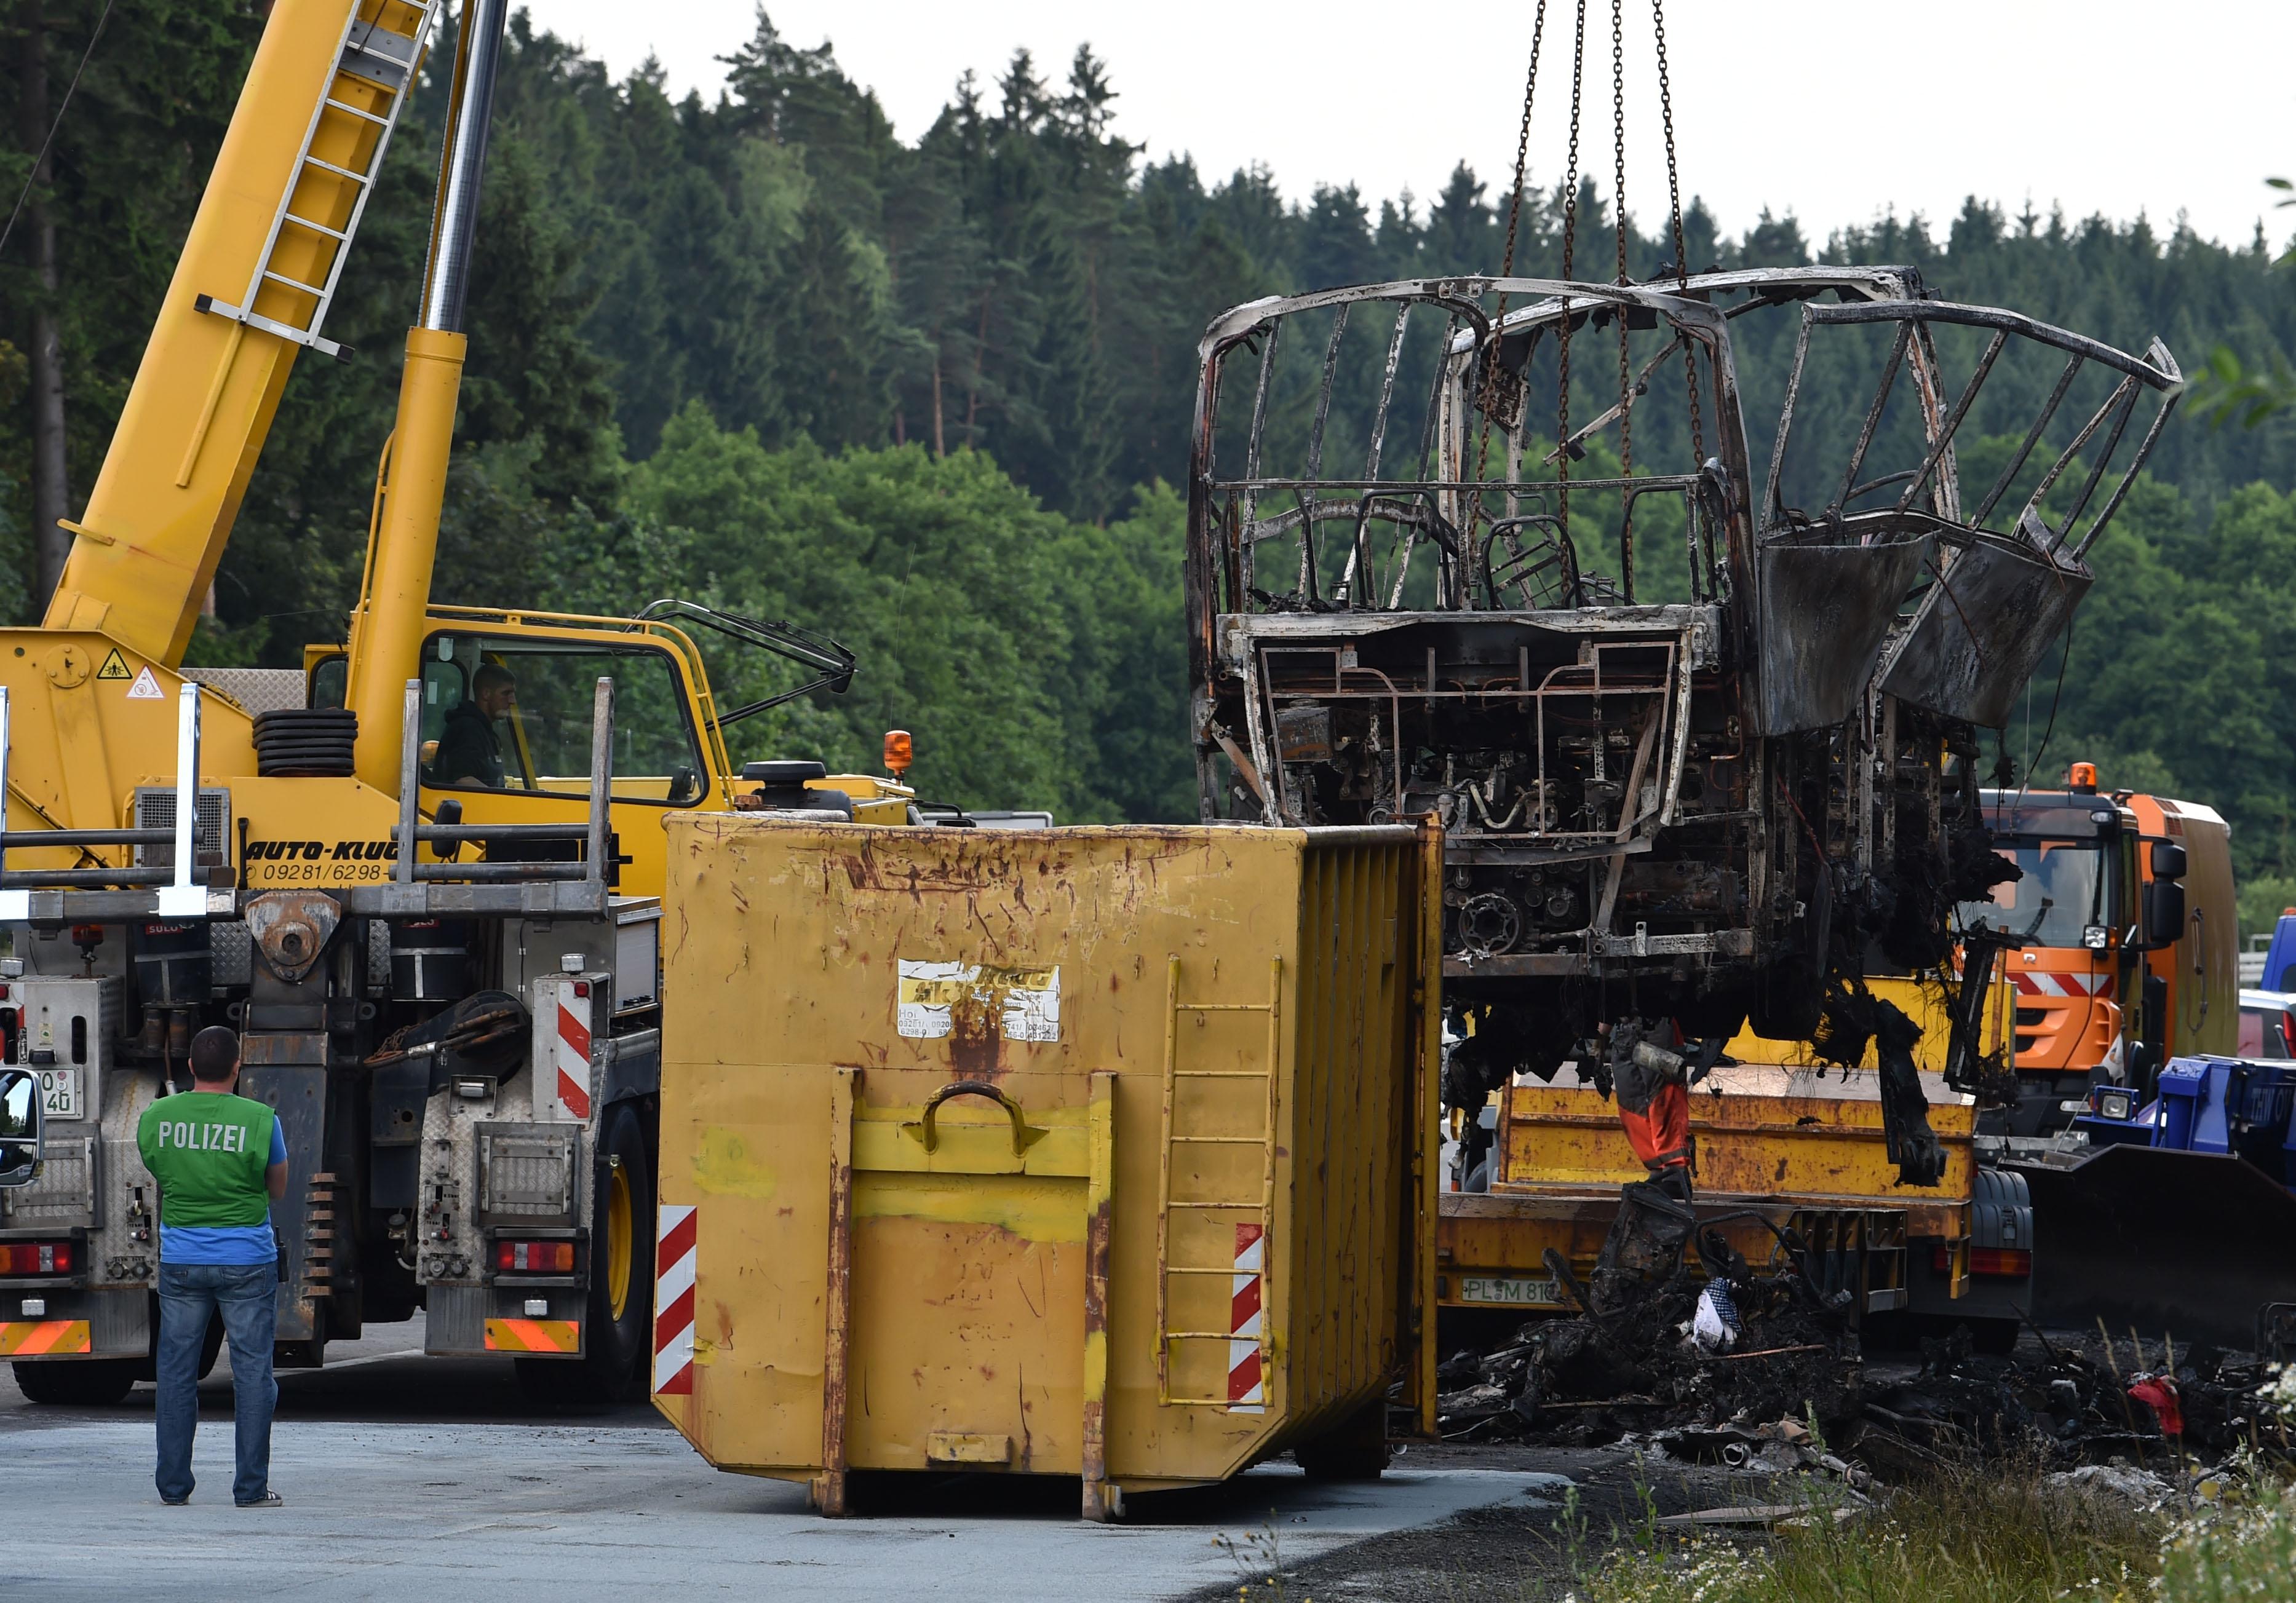 رفع آثار تفحم حافلة فى ألمانيا